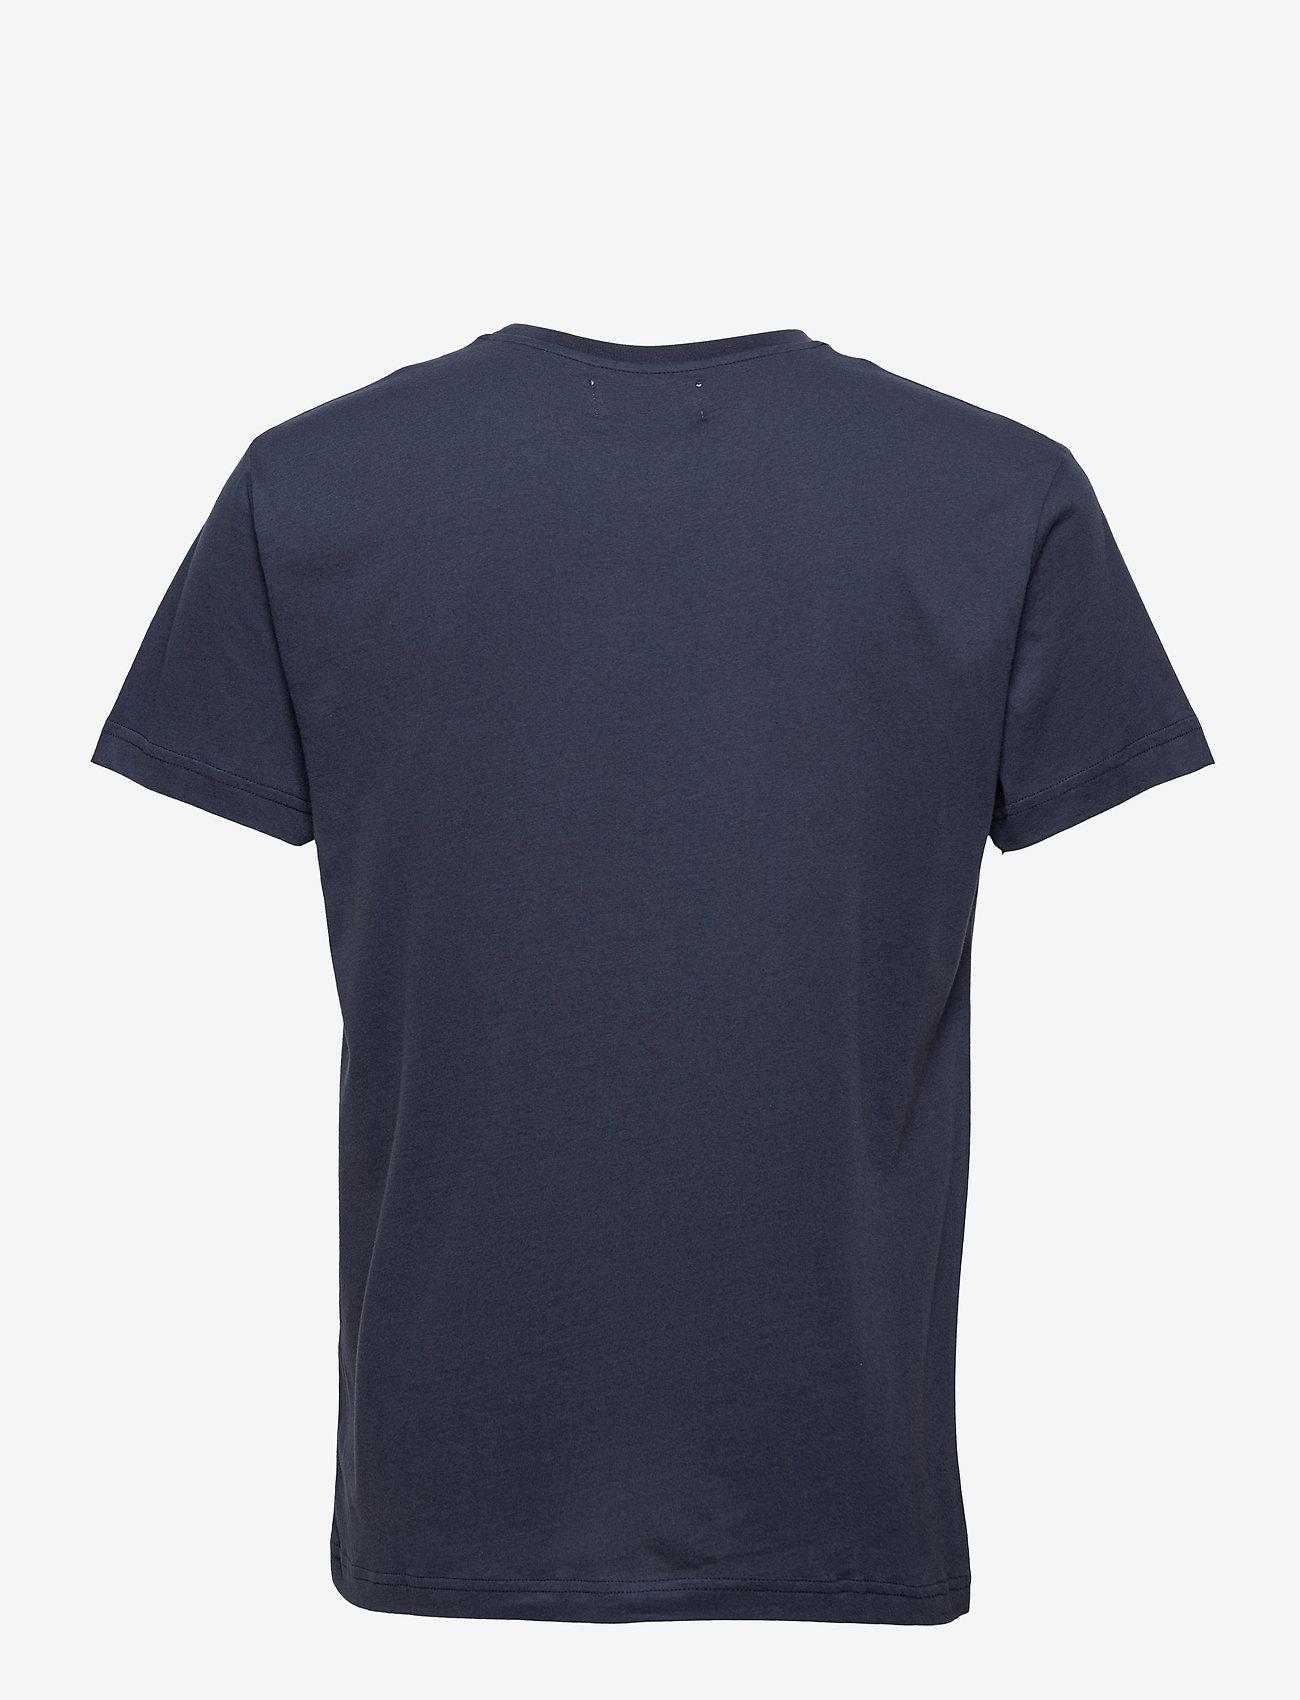 Libertine-Libertine - Beat L-L - t-shirts basiques - night sky - 1